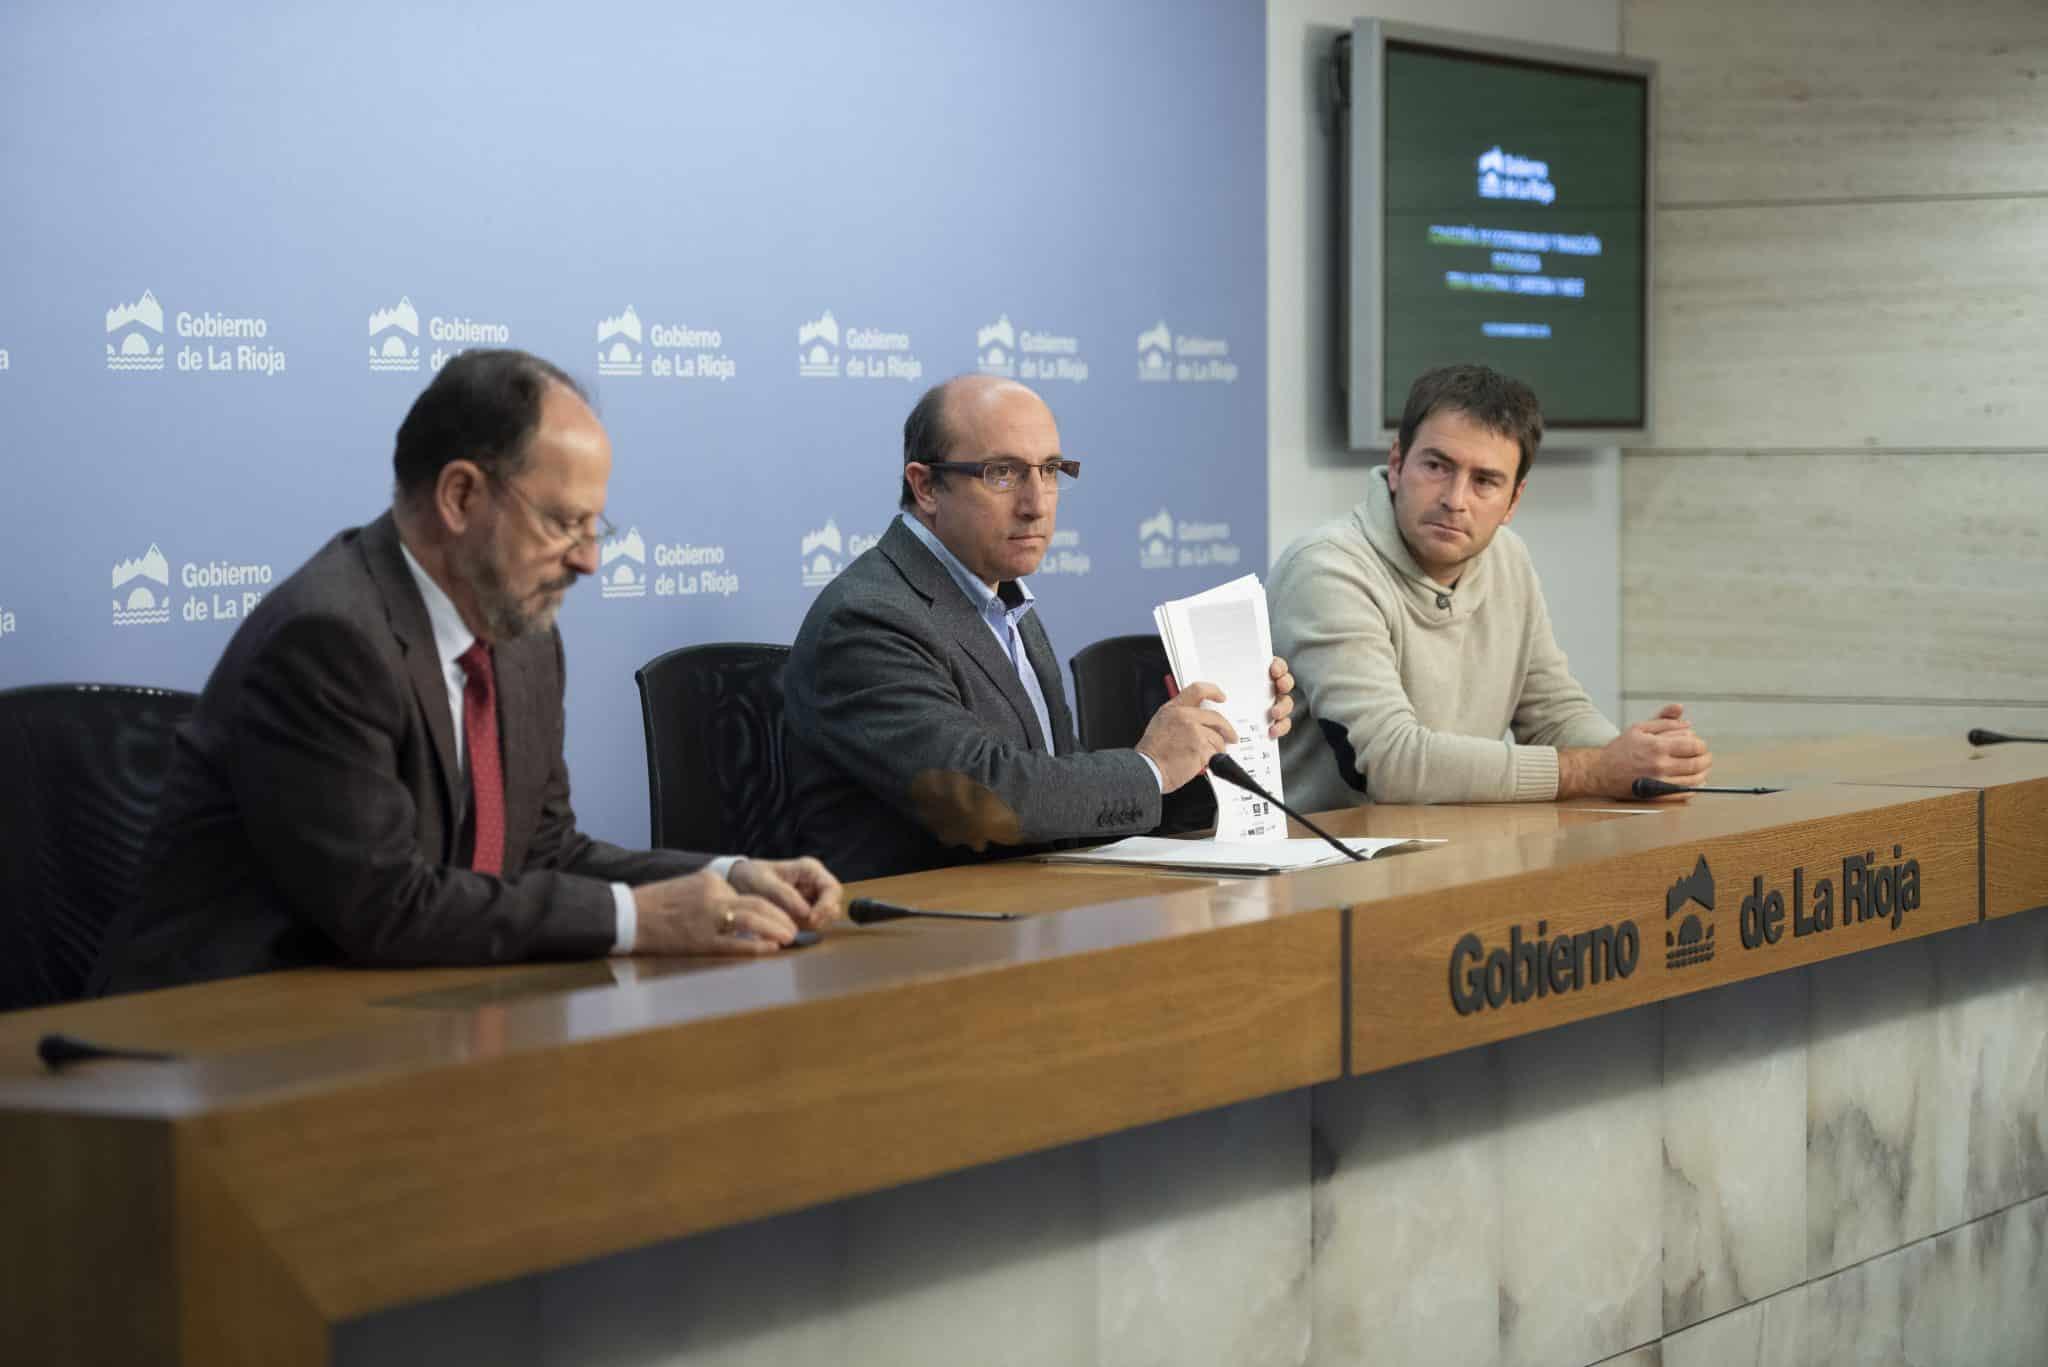 De izquierda a derecha: José Pablo Sáez, Vicente Urquía y Gonzalo Abajo.